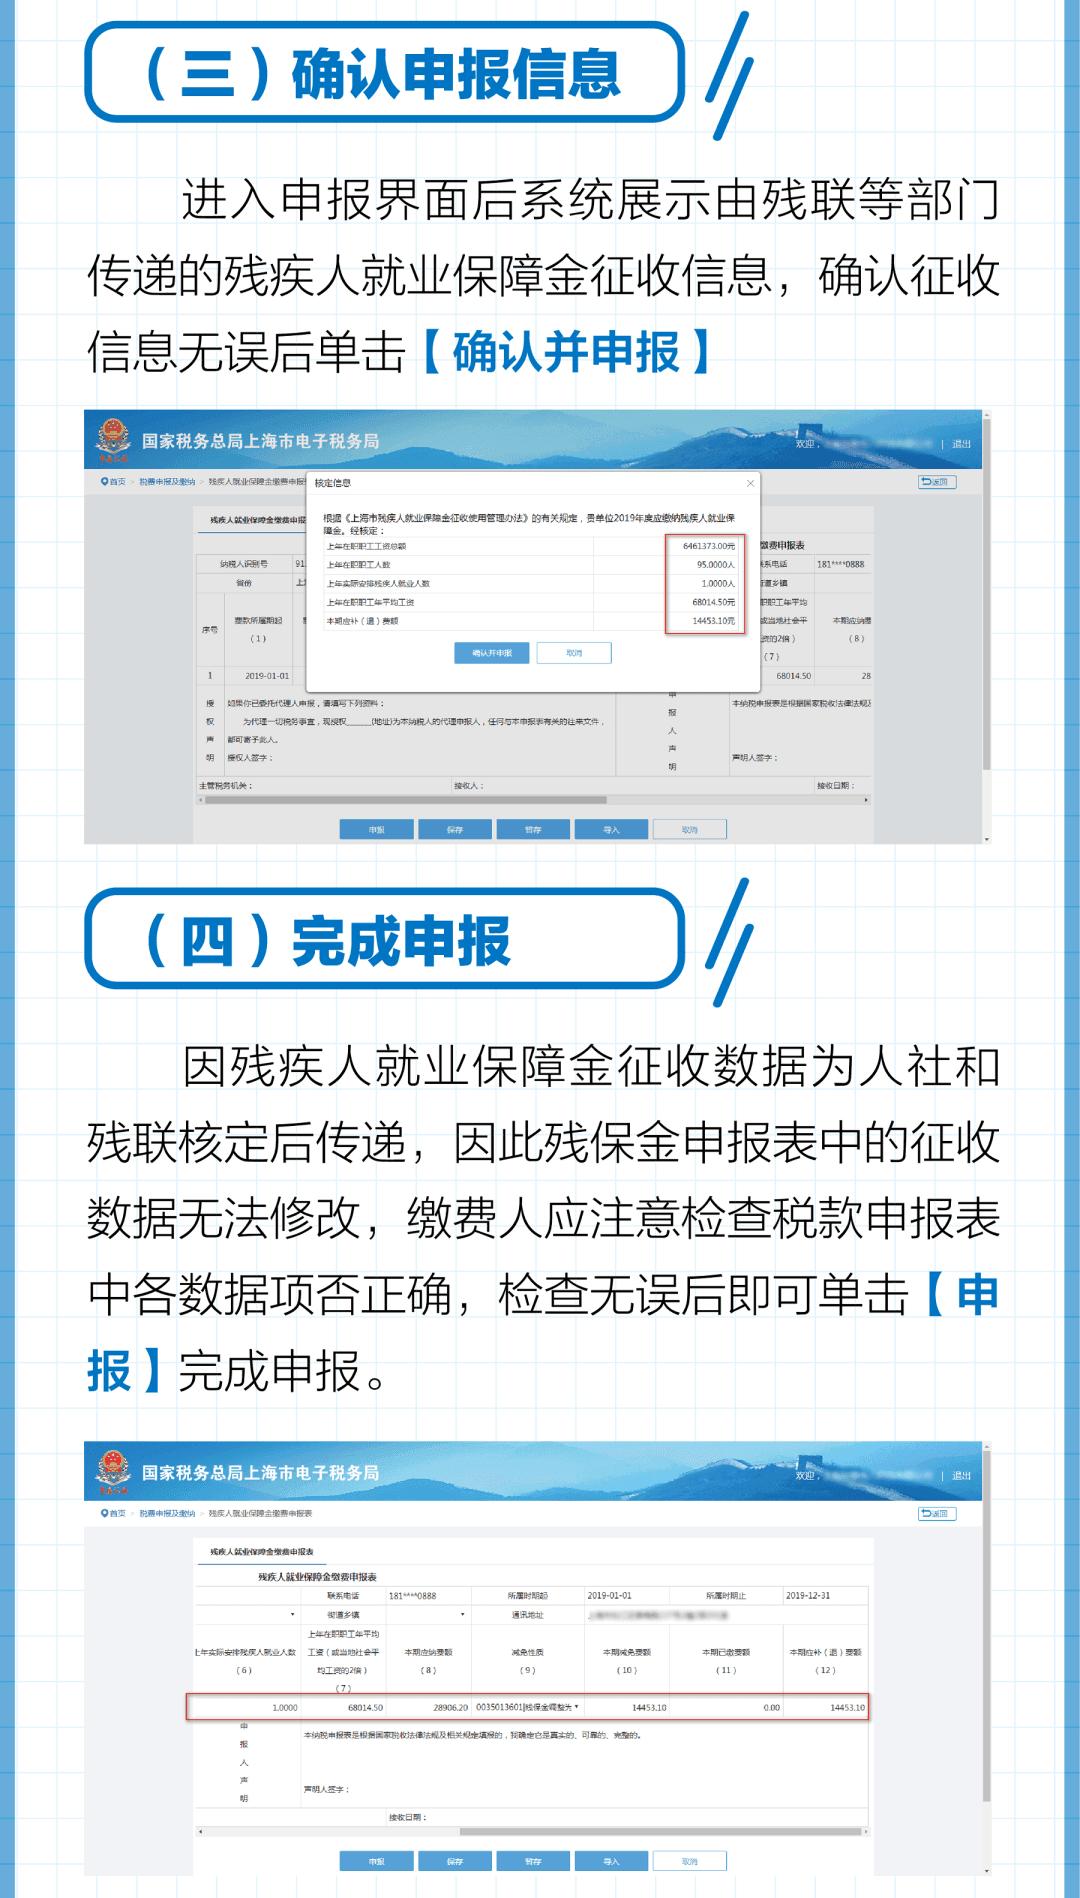 2020年上海残疾人就业保障金开始申报缴费啦!【操作指南】带您一图读懂网上申报缴费全流程!插图(2)